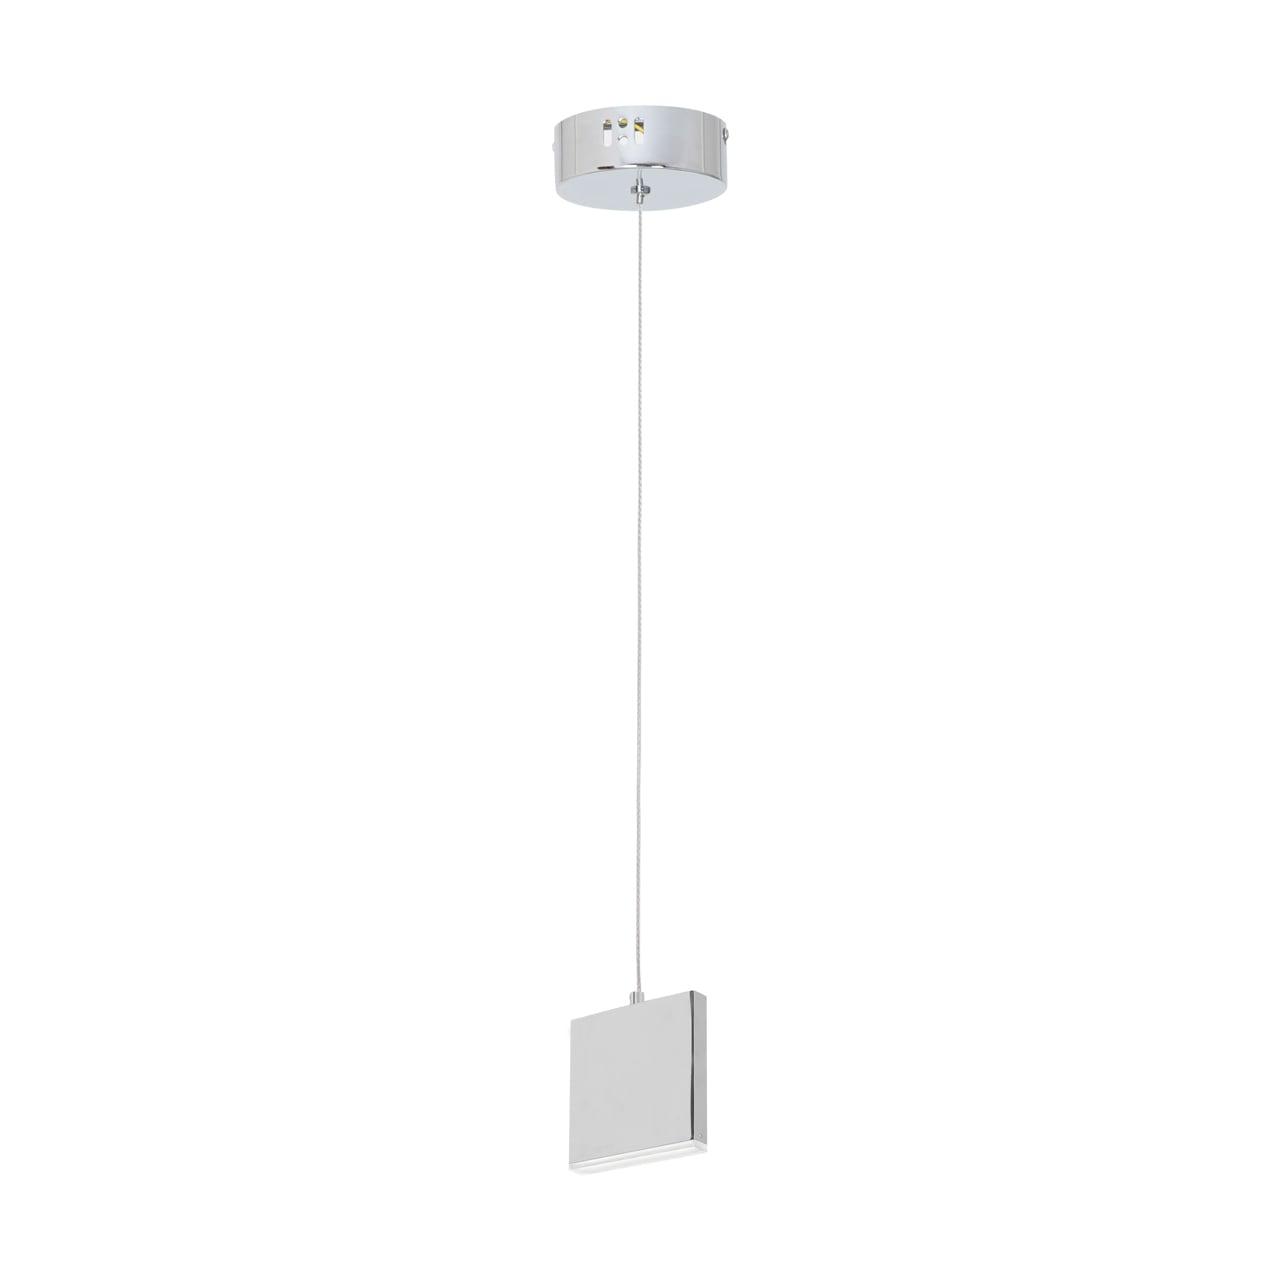 Lampa suspendată Milagro CUADRA 441 Chrom 5W